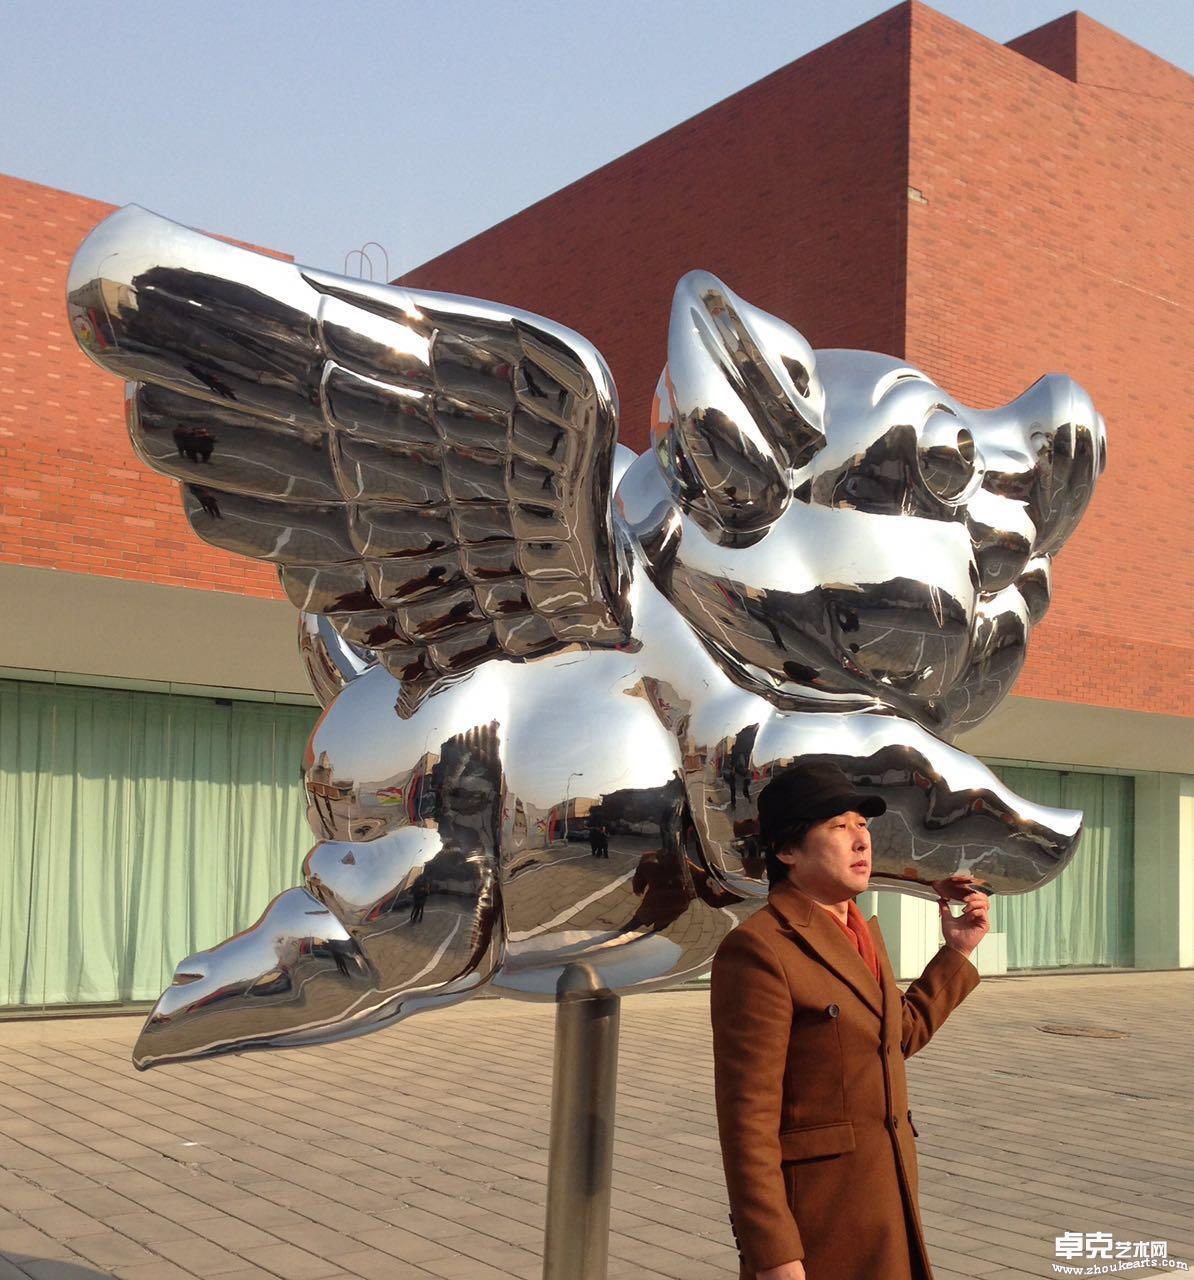 《飞天猪》      H2.88米L2.2米W1.9米